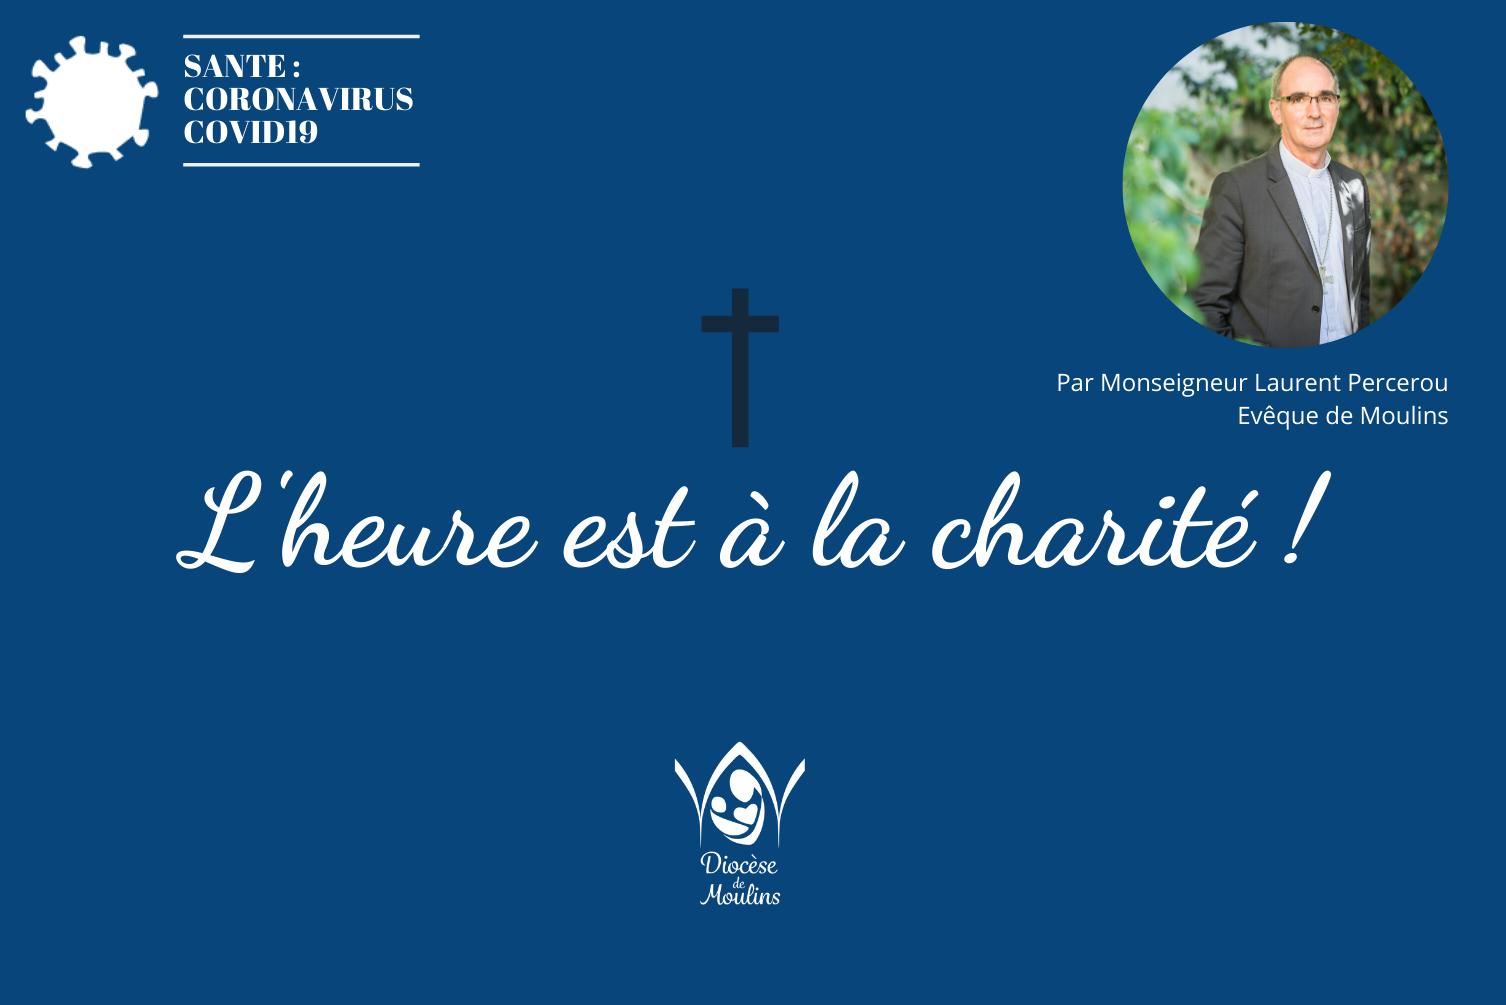 Covid-19 : L'heure est à la charité !